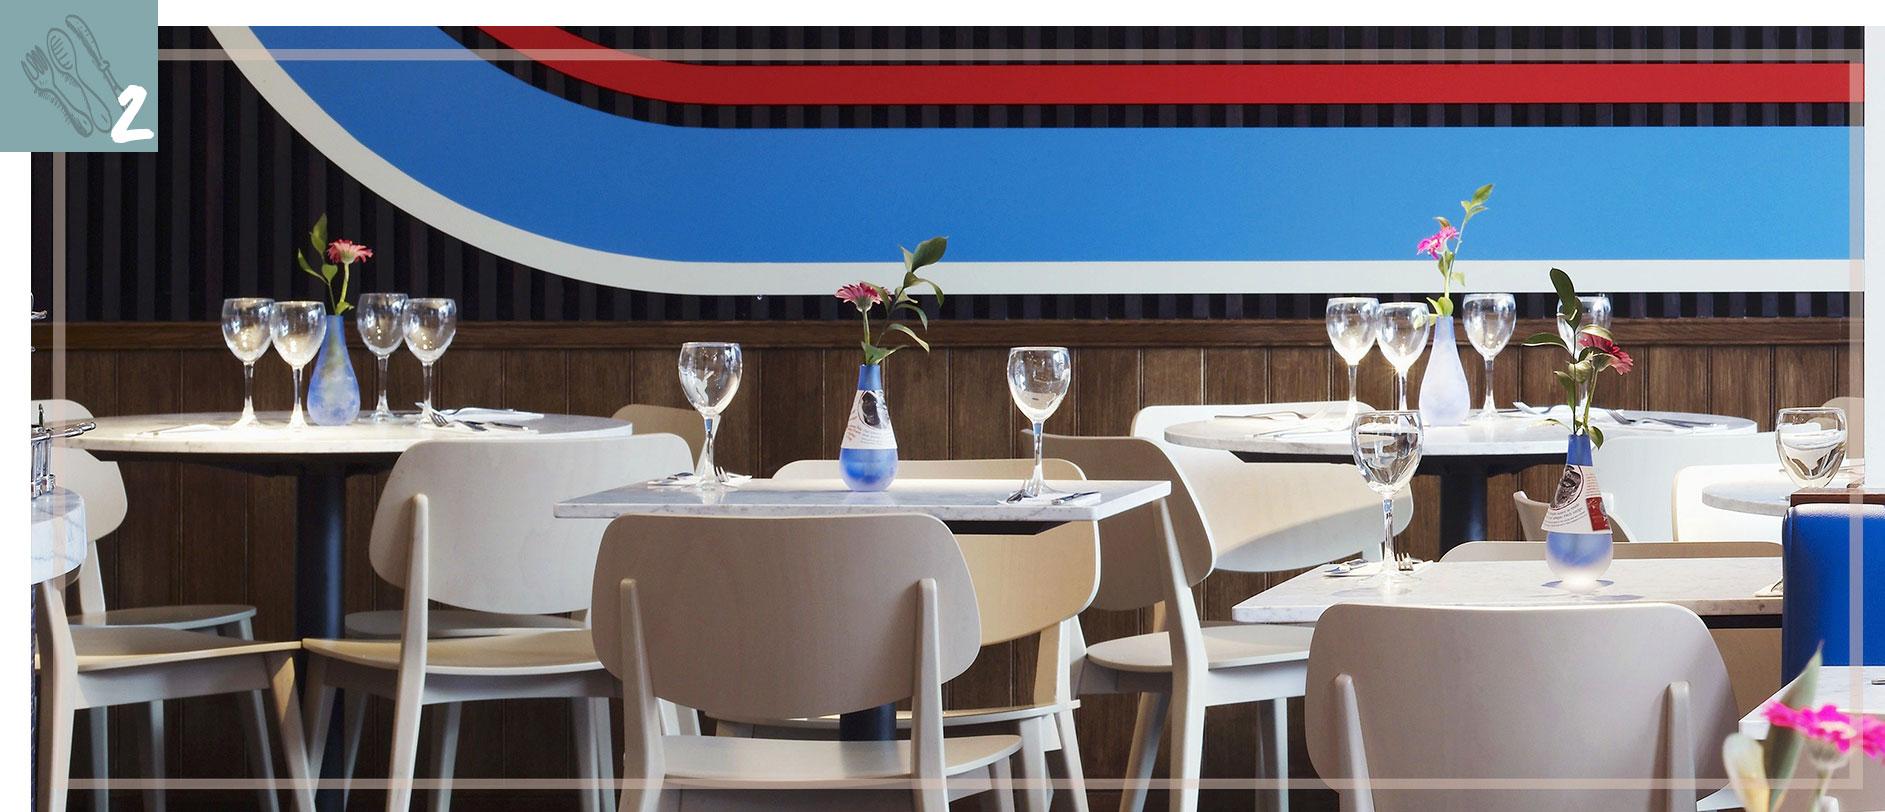 des restaurants aussi beaux que bons, déco rétro